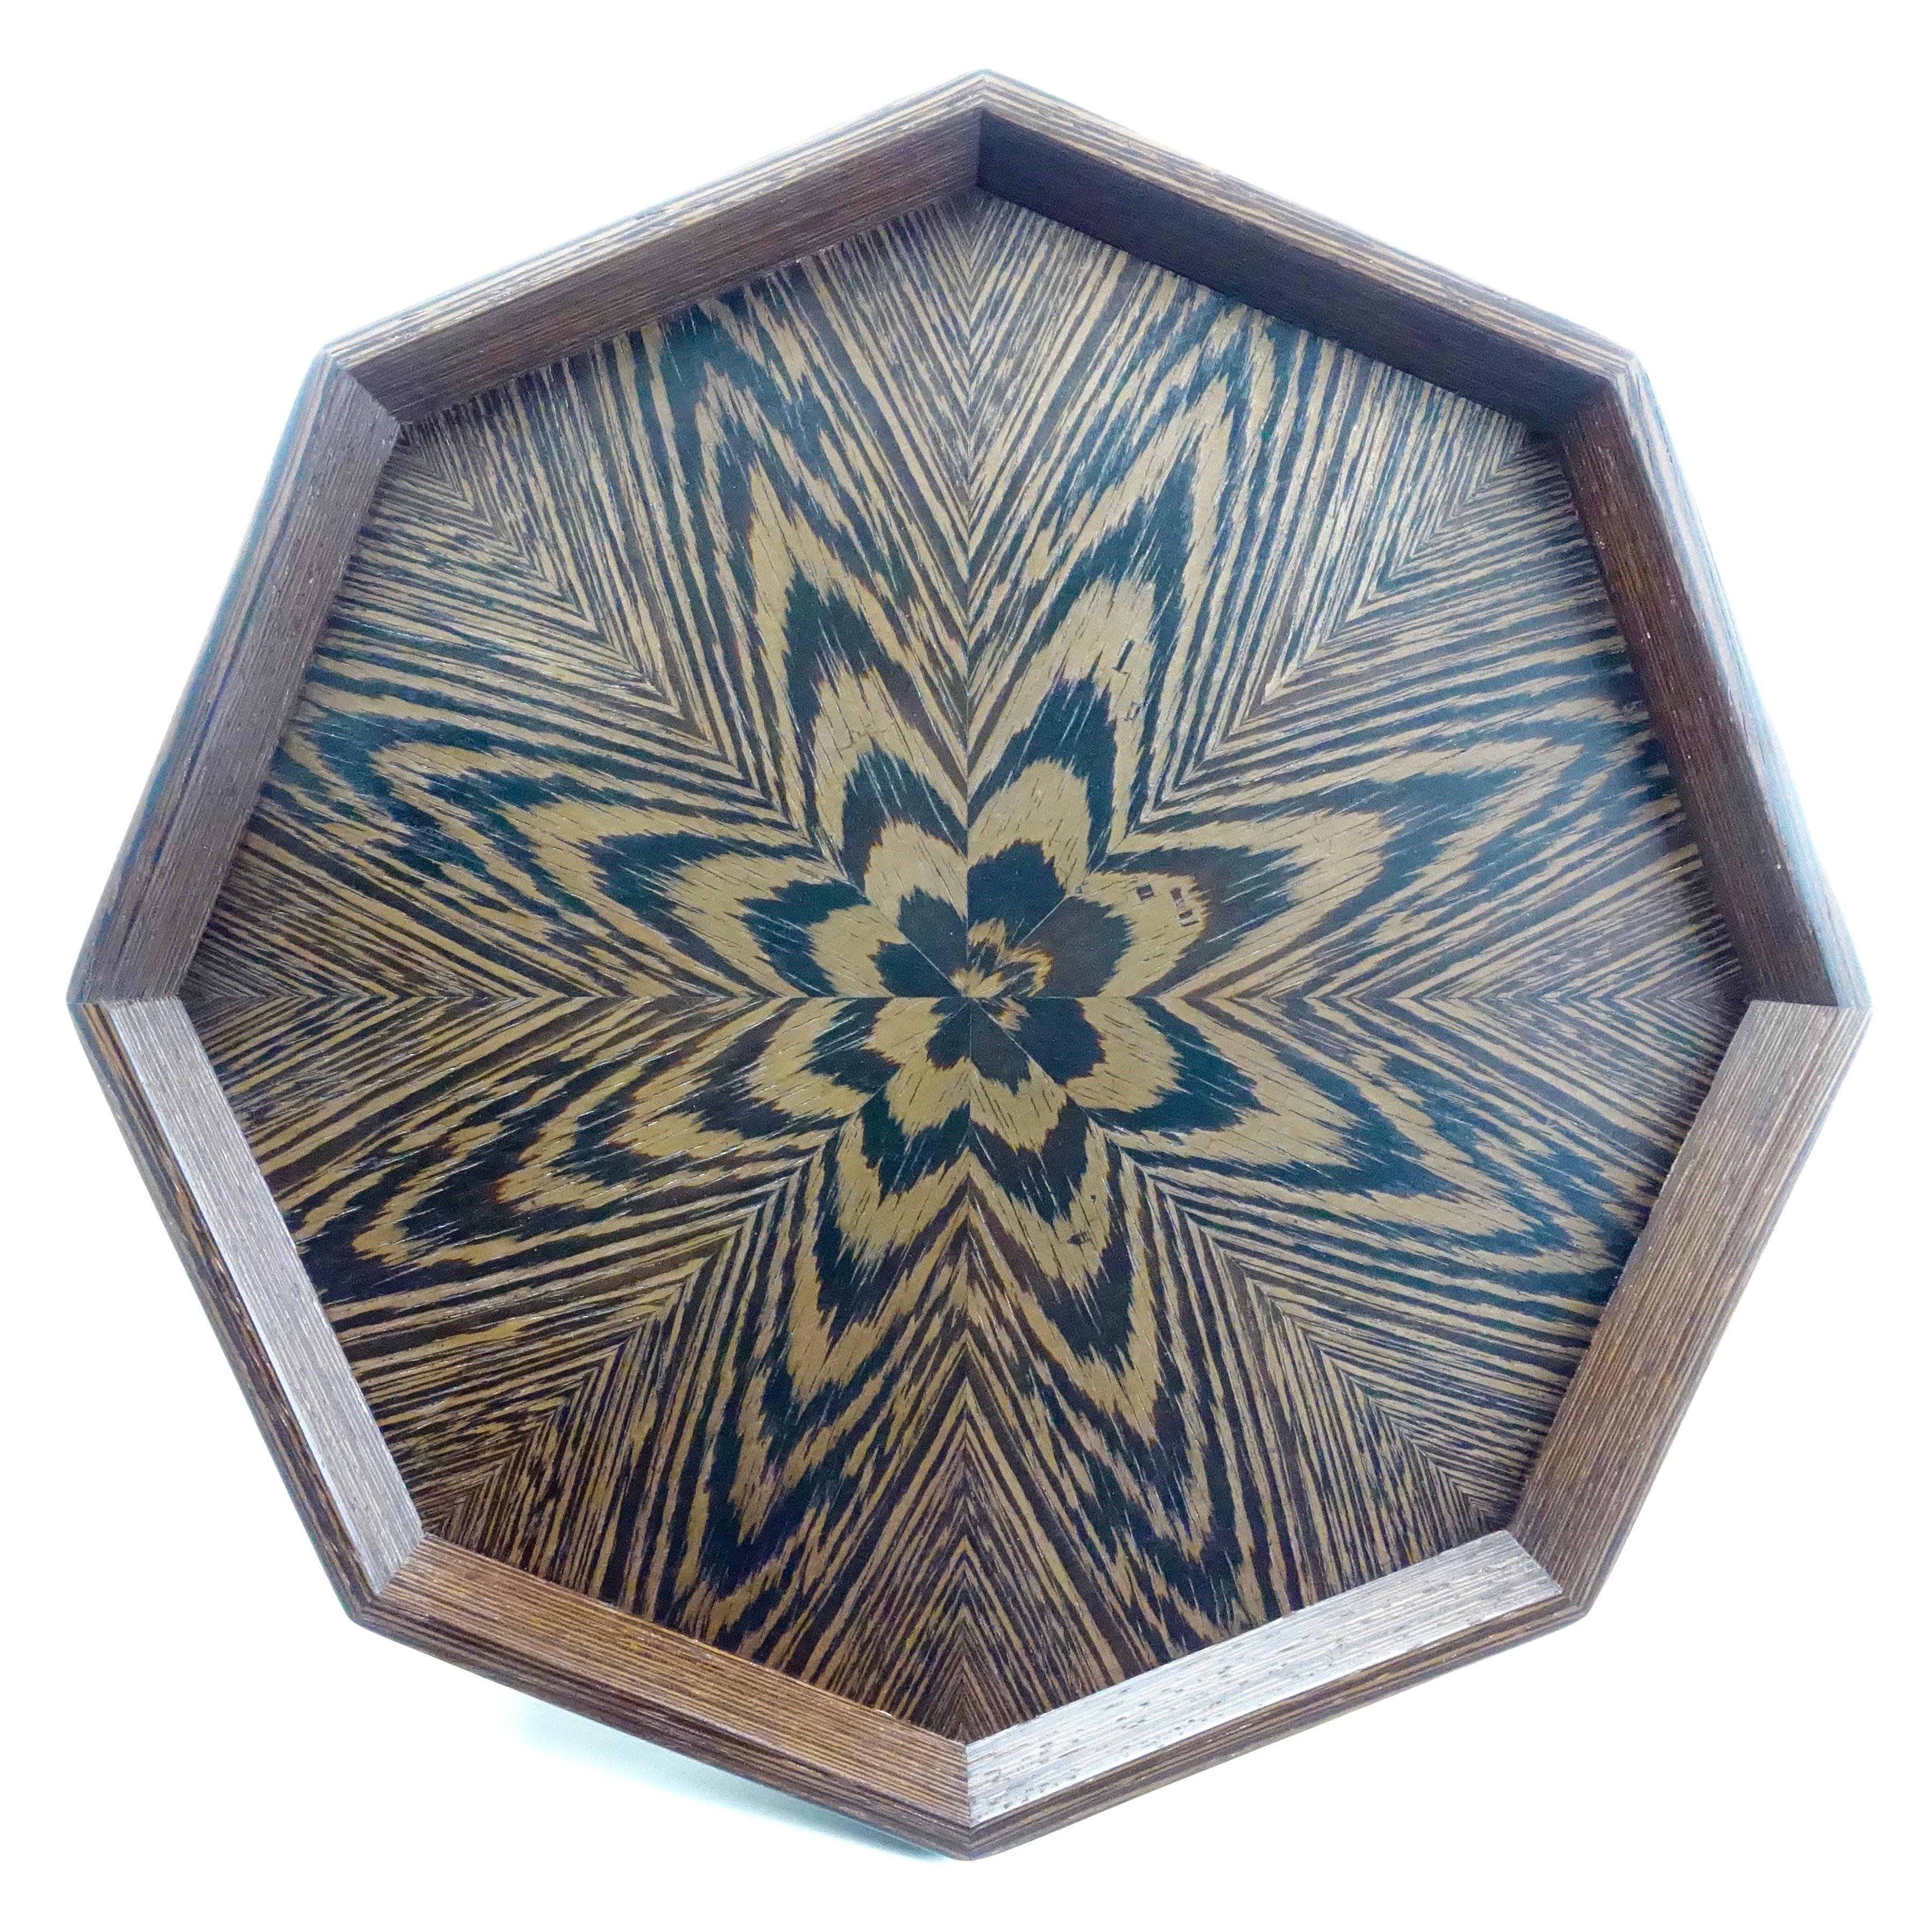 ウェンジ 八角形のトレー OBWD-0153